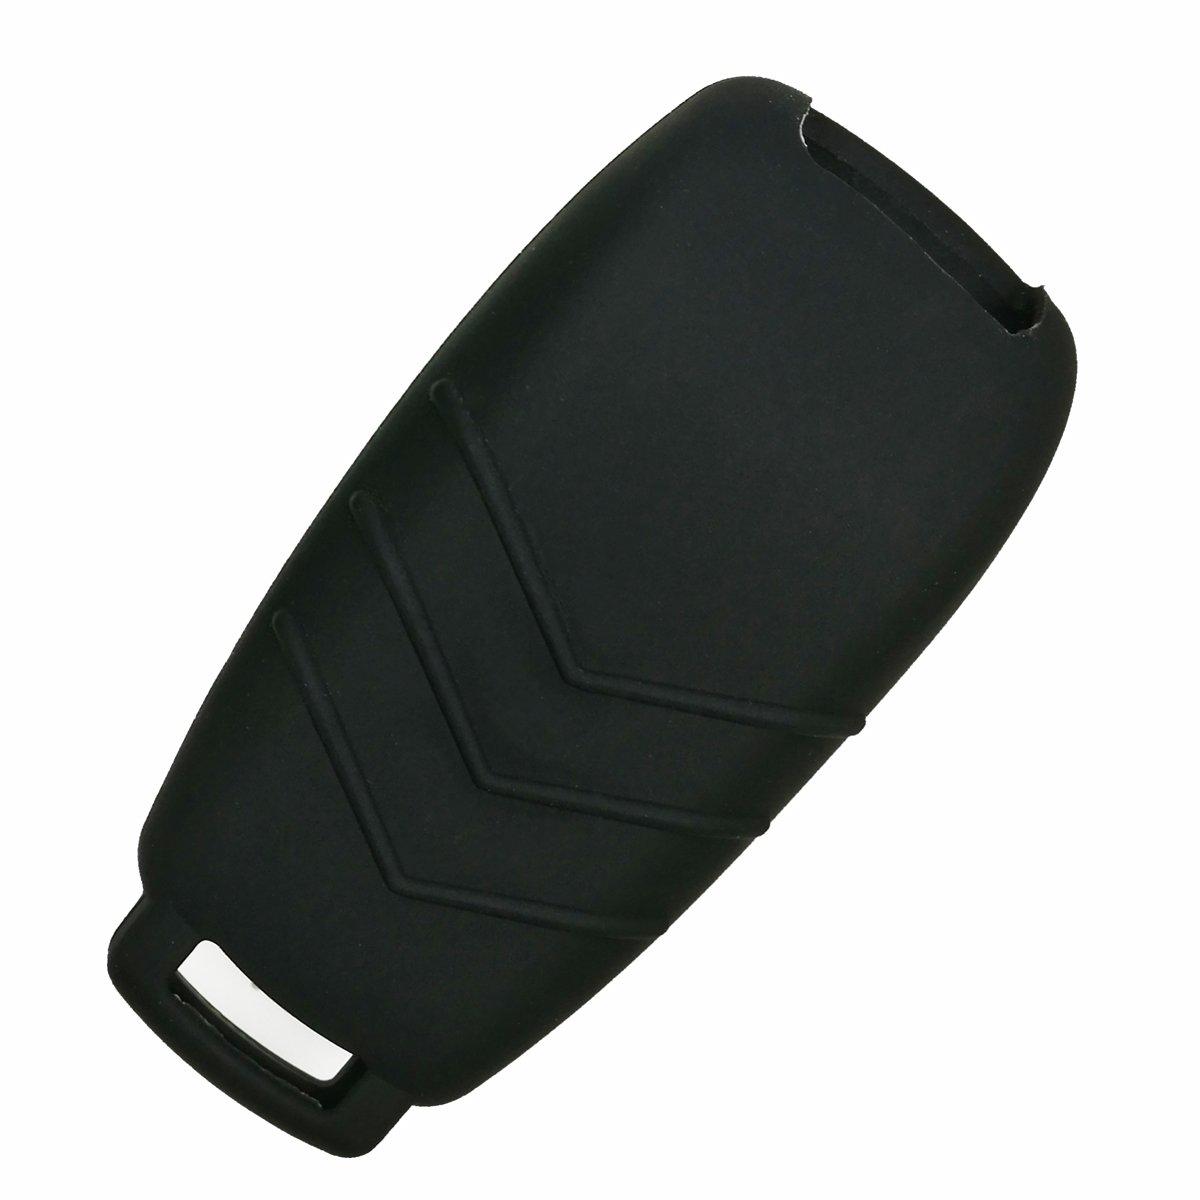 2Pcs Black clase C coolbestda silicona 3/Botones Smart Key Fob Funda Mando a distancia pantalla sin llave chaqueta para 2016/2017/Mercedes Benz W213/E-Class E200/E300/E350